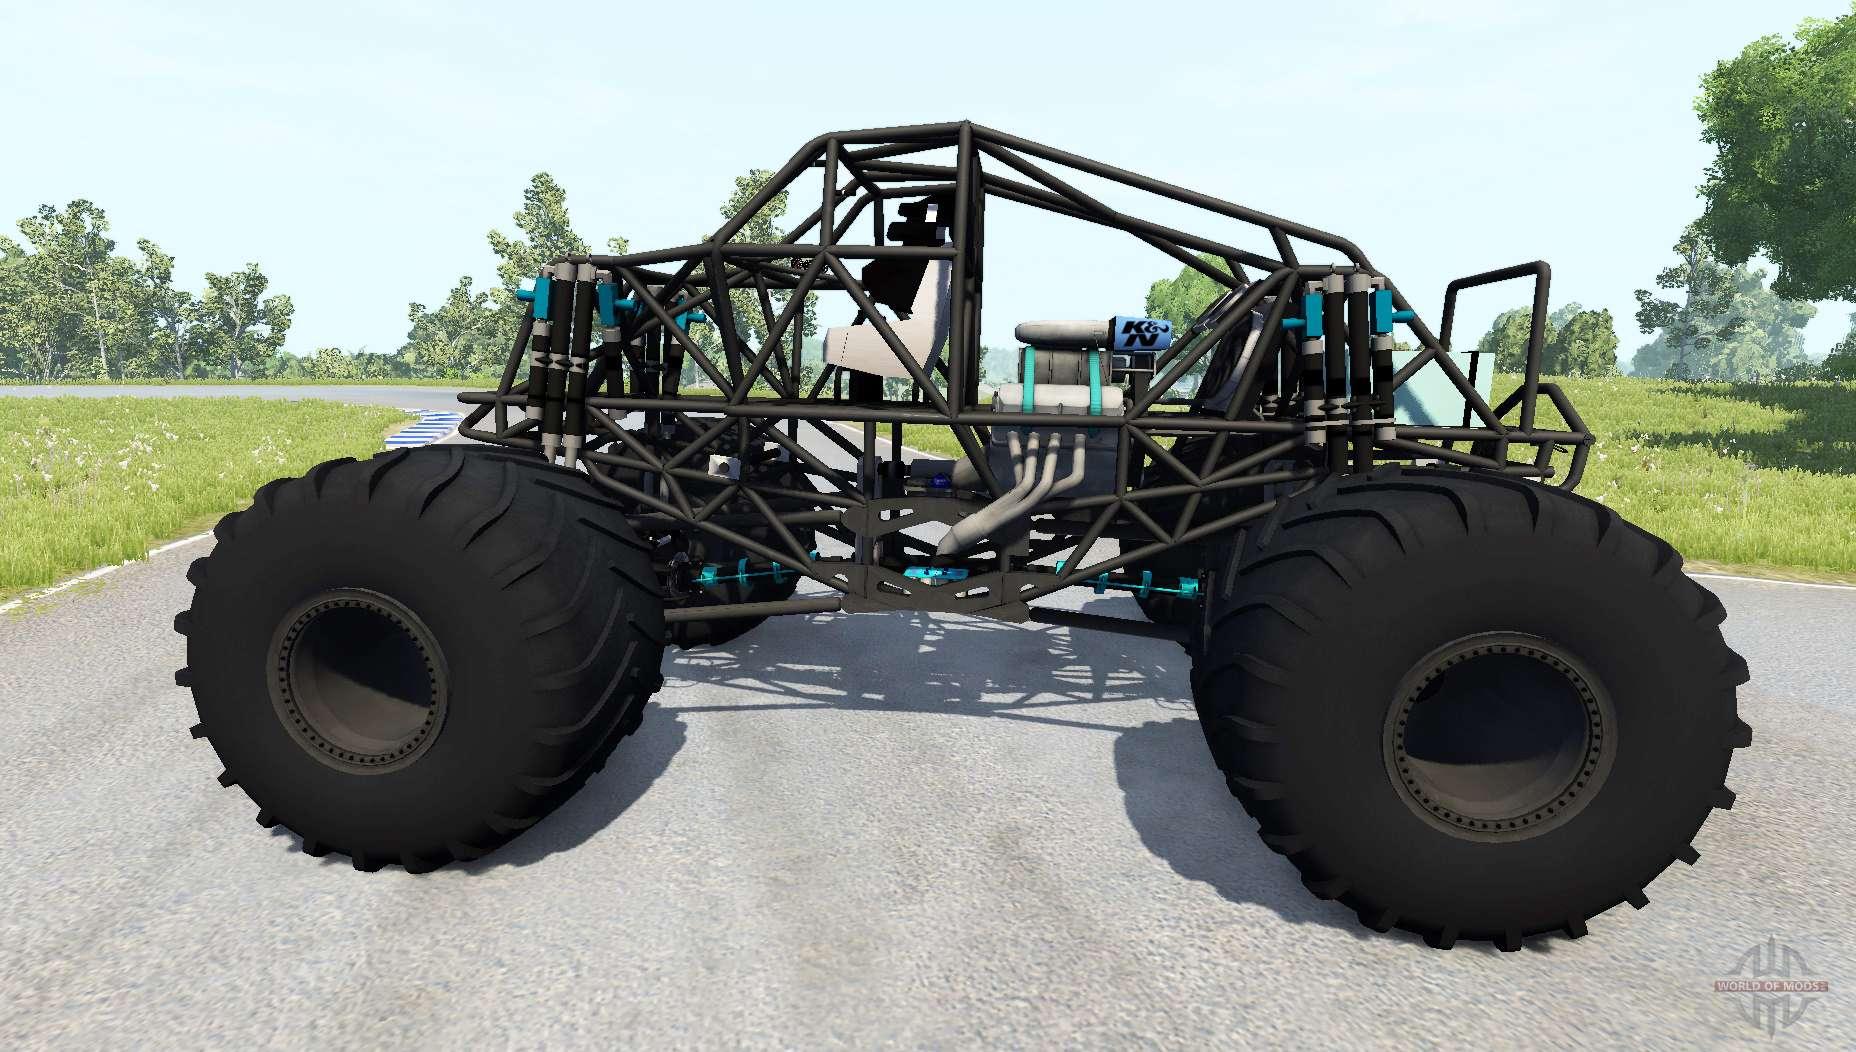 Monster truck bigfoot